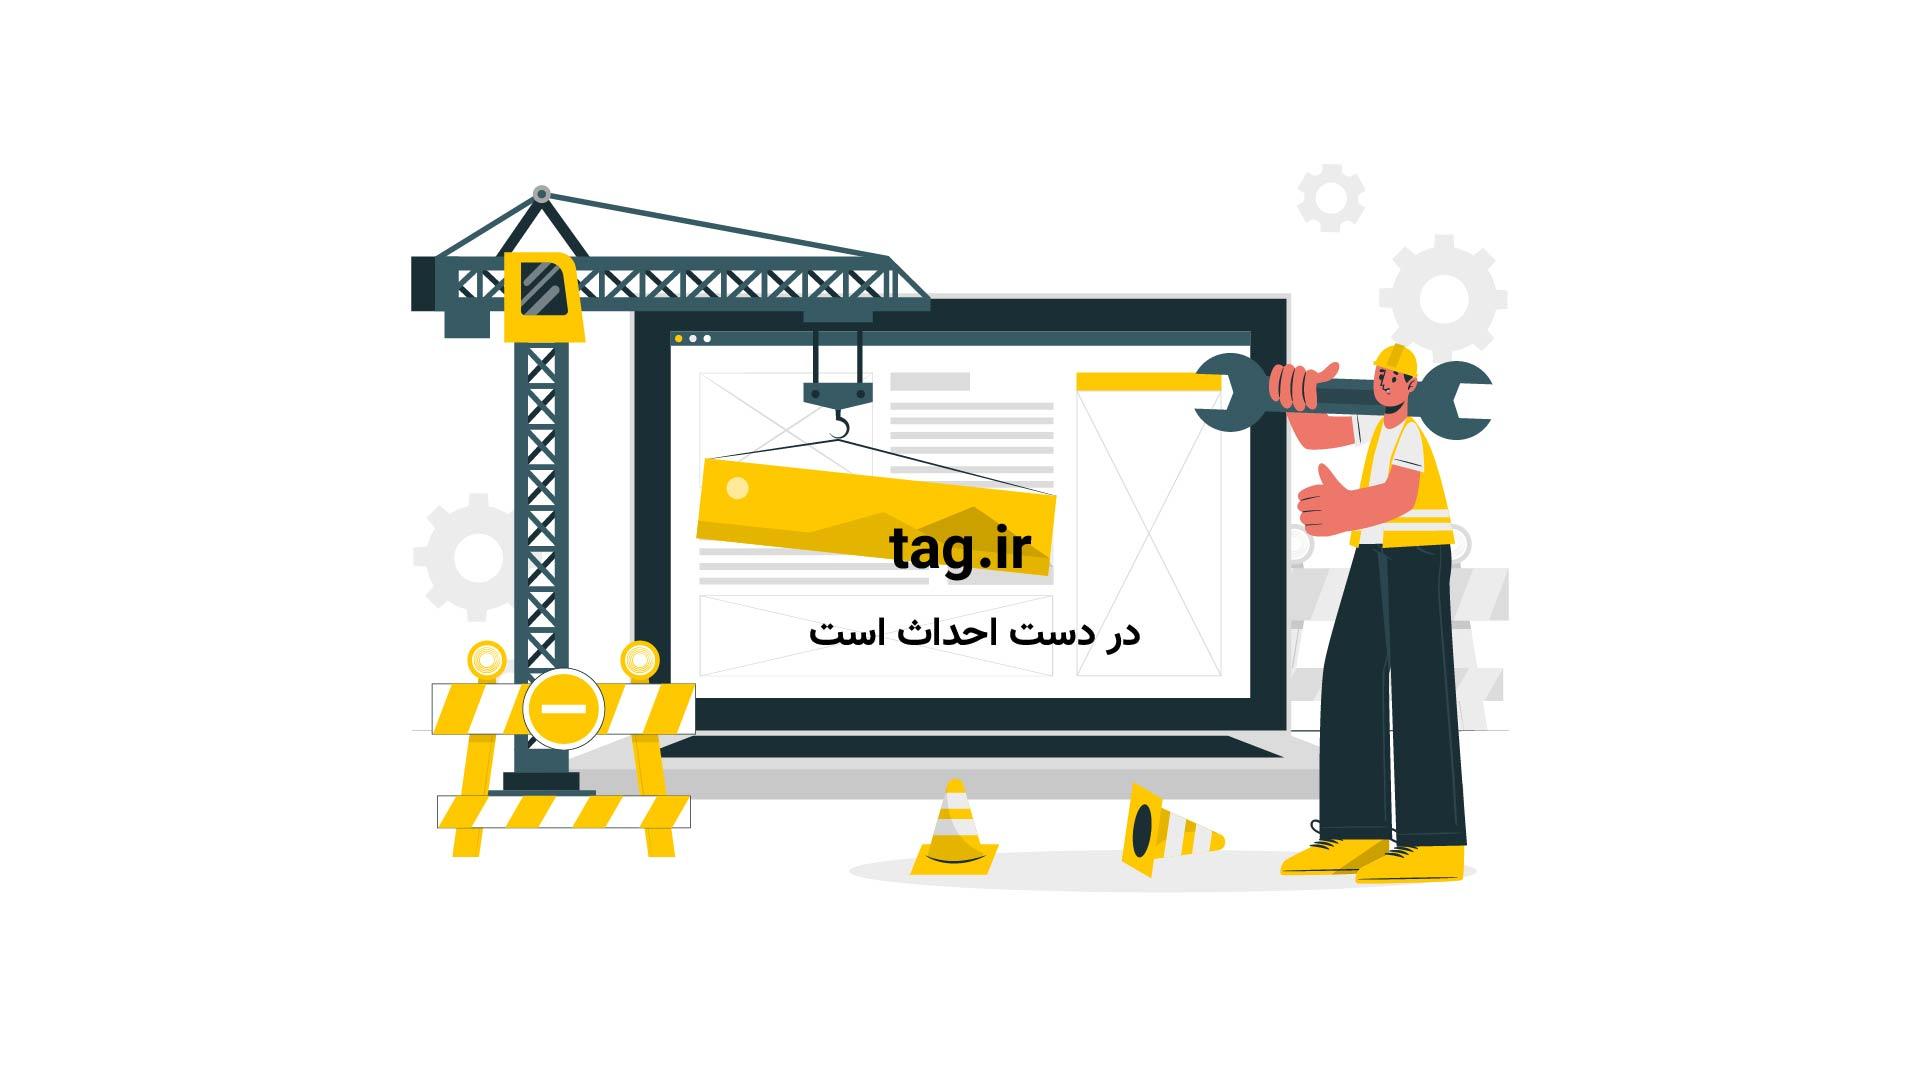 مزاحمت کلاغ ها برای عقاب|تگ